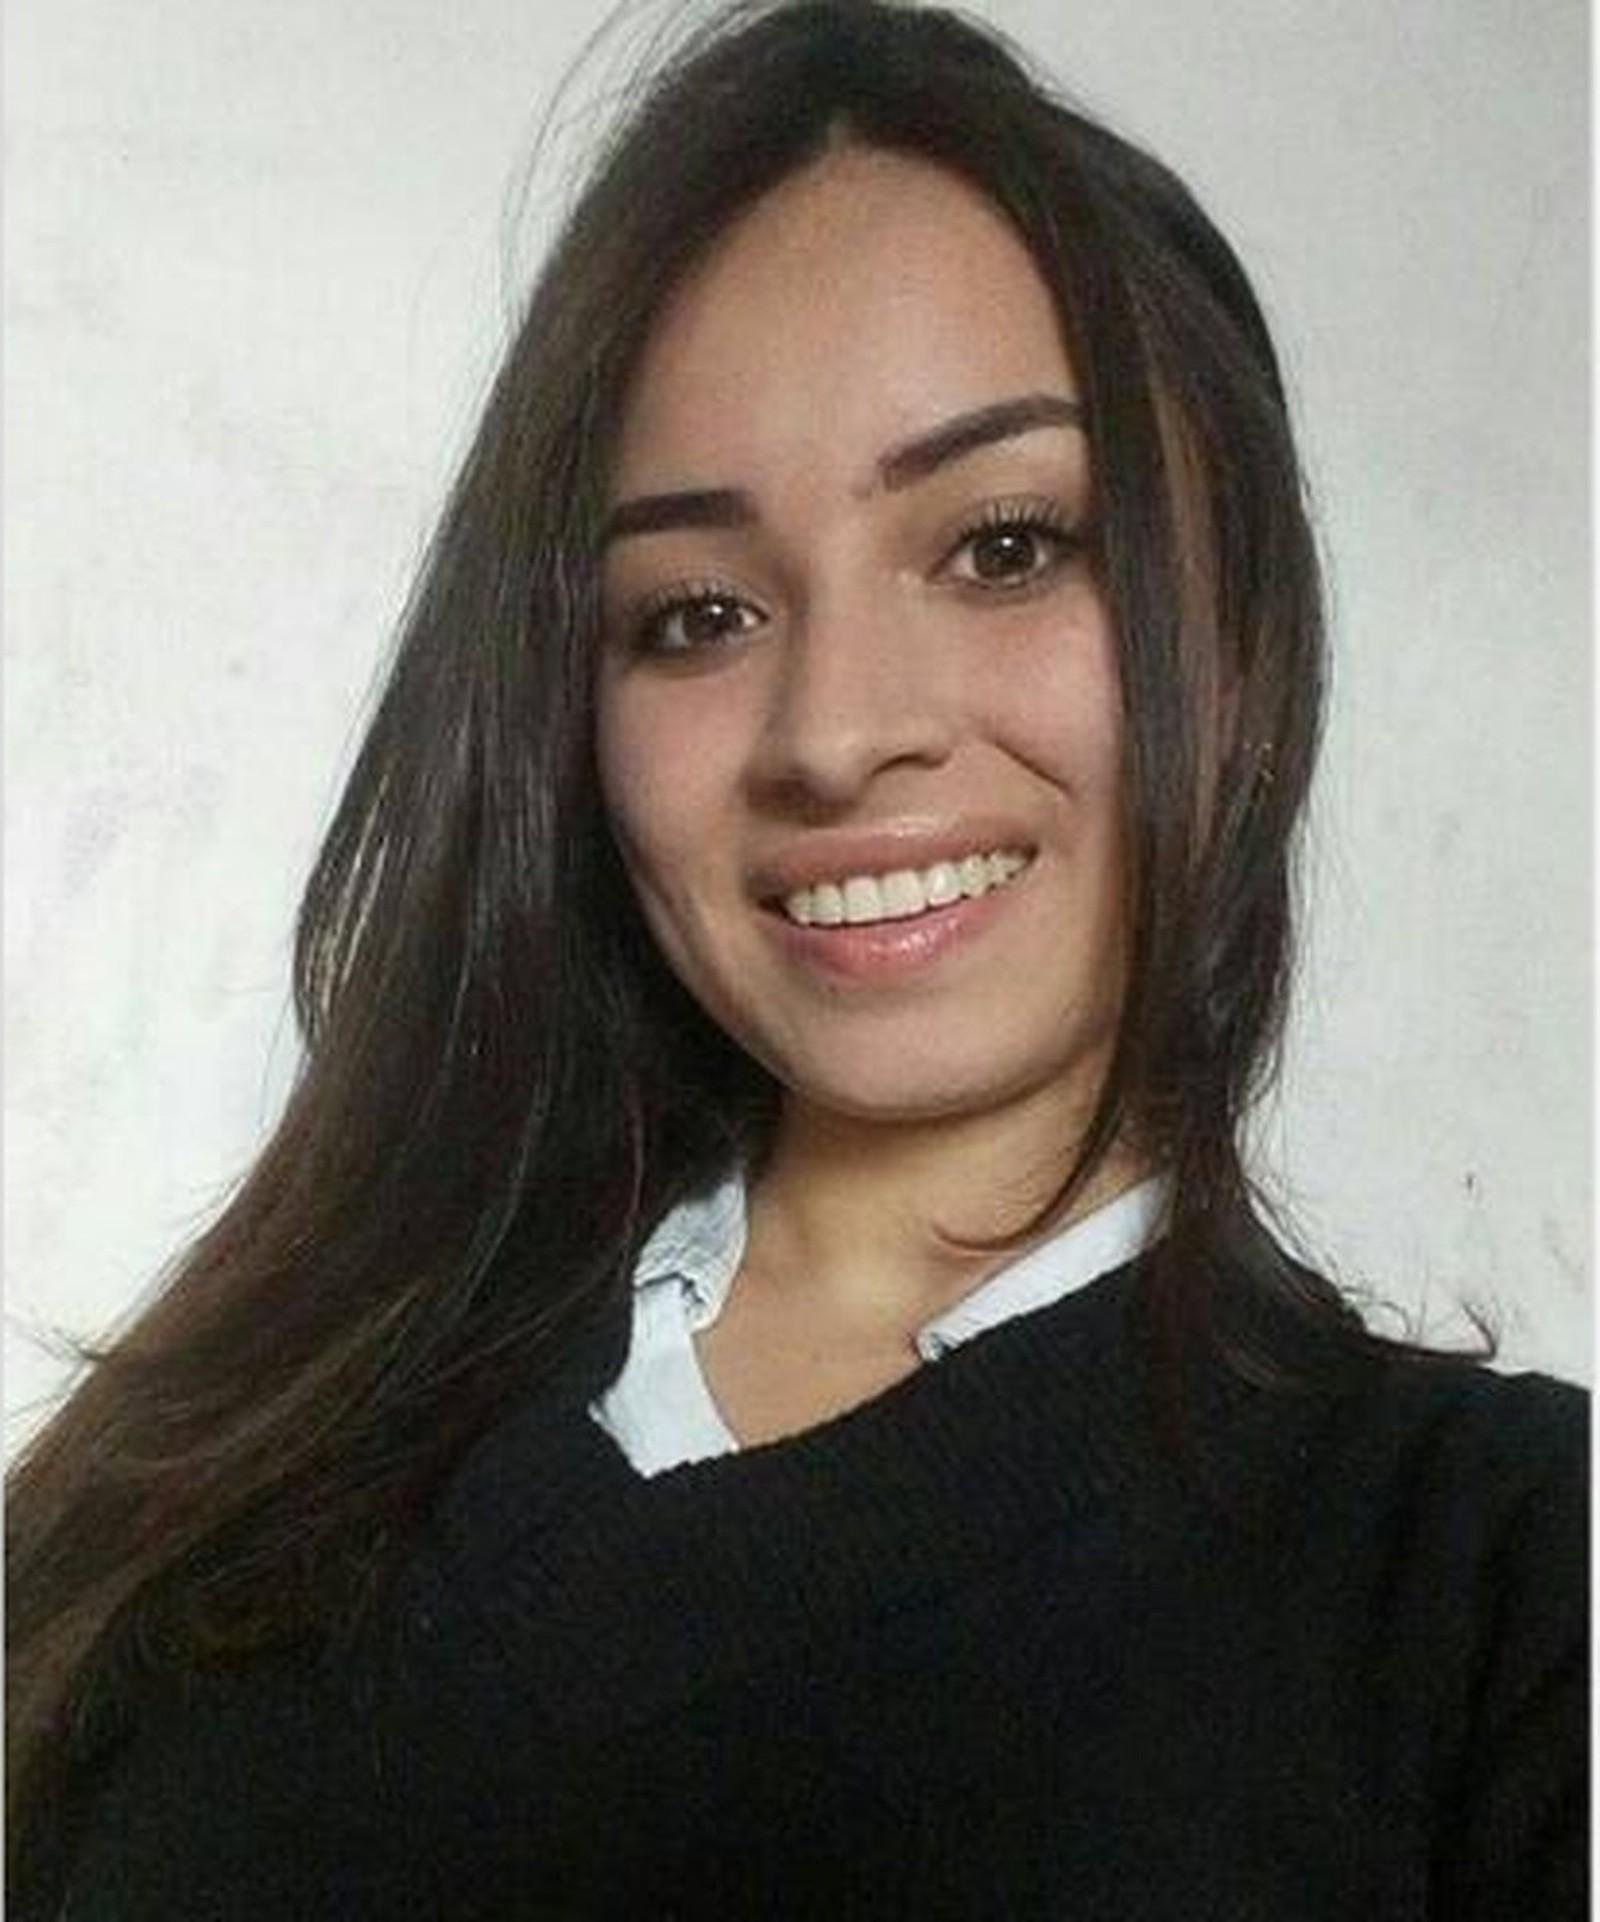 Justiça condena a 16 anos de prisão jovem que confessou morte da ex-namorada adolescente por ciúme